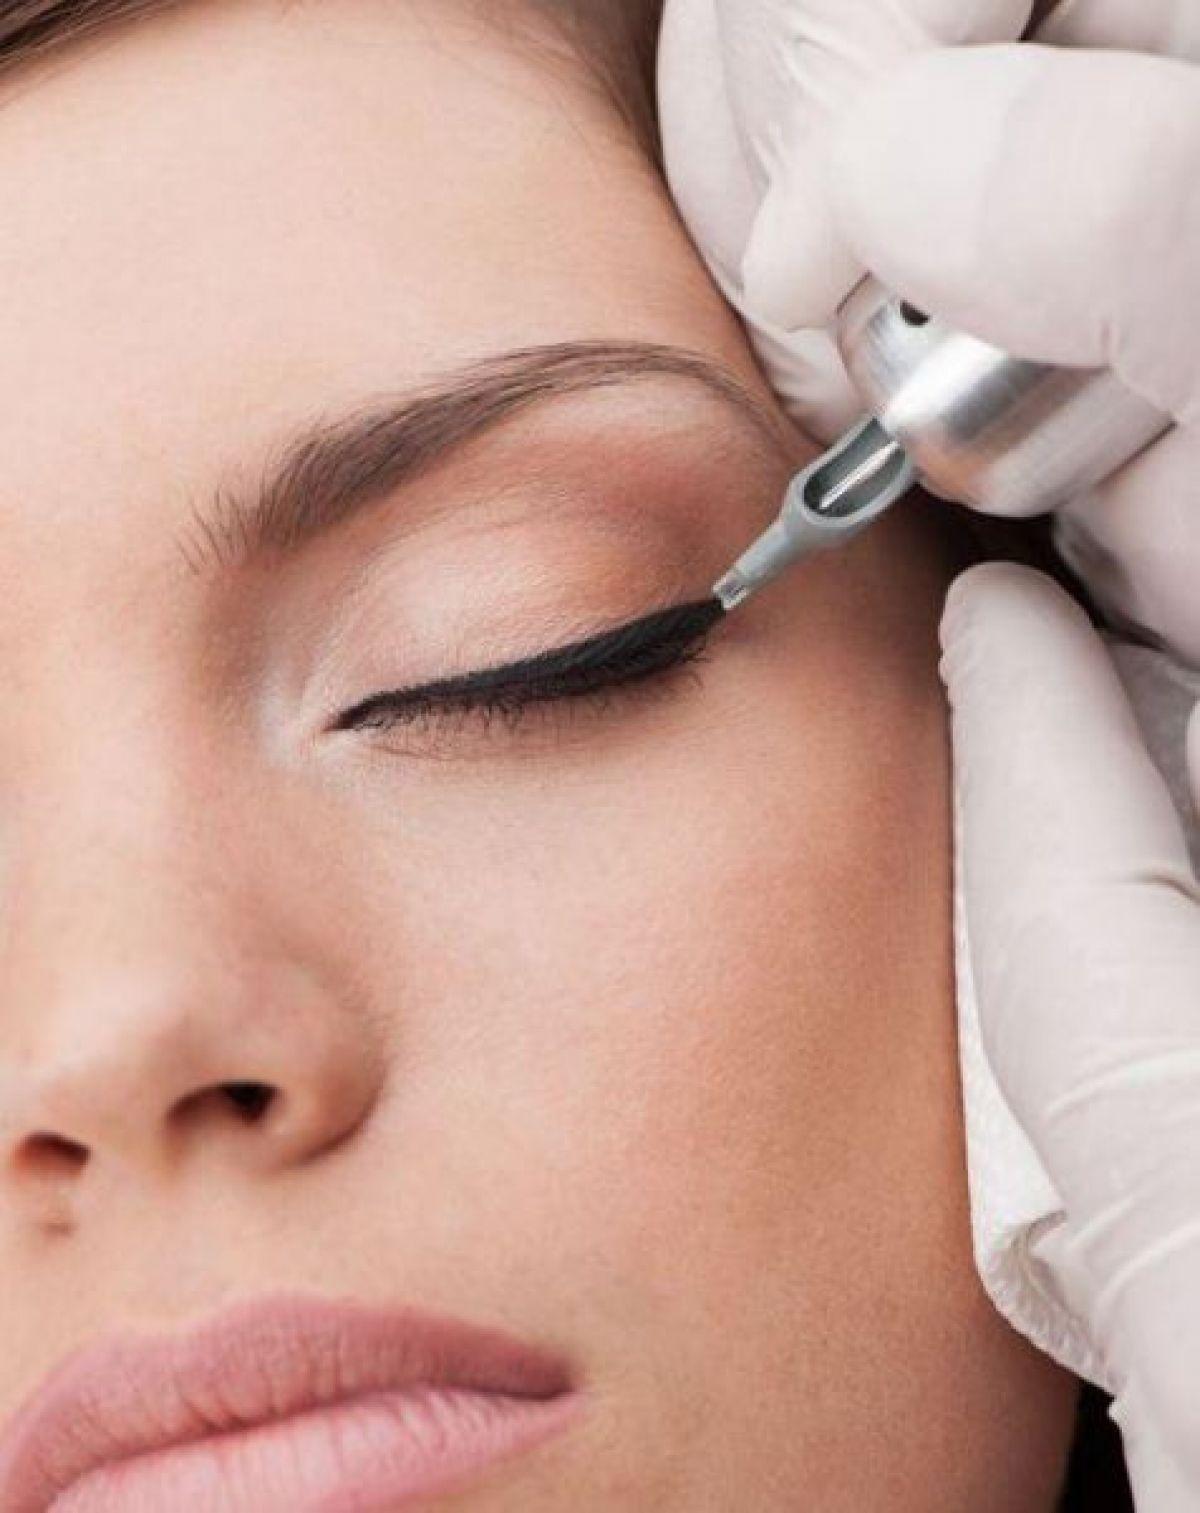 Maquillage permanent (Candy lips lèvres, Eye Liner) à Trouillas (66) Par Jennifer - Estheca